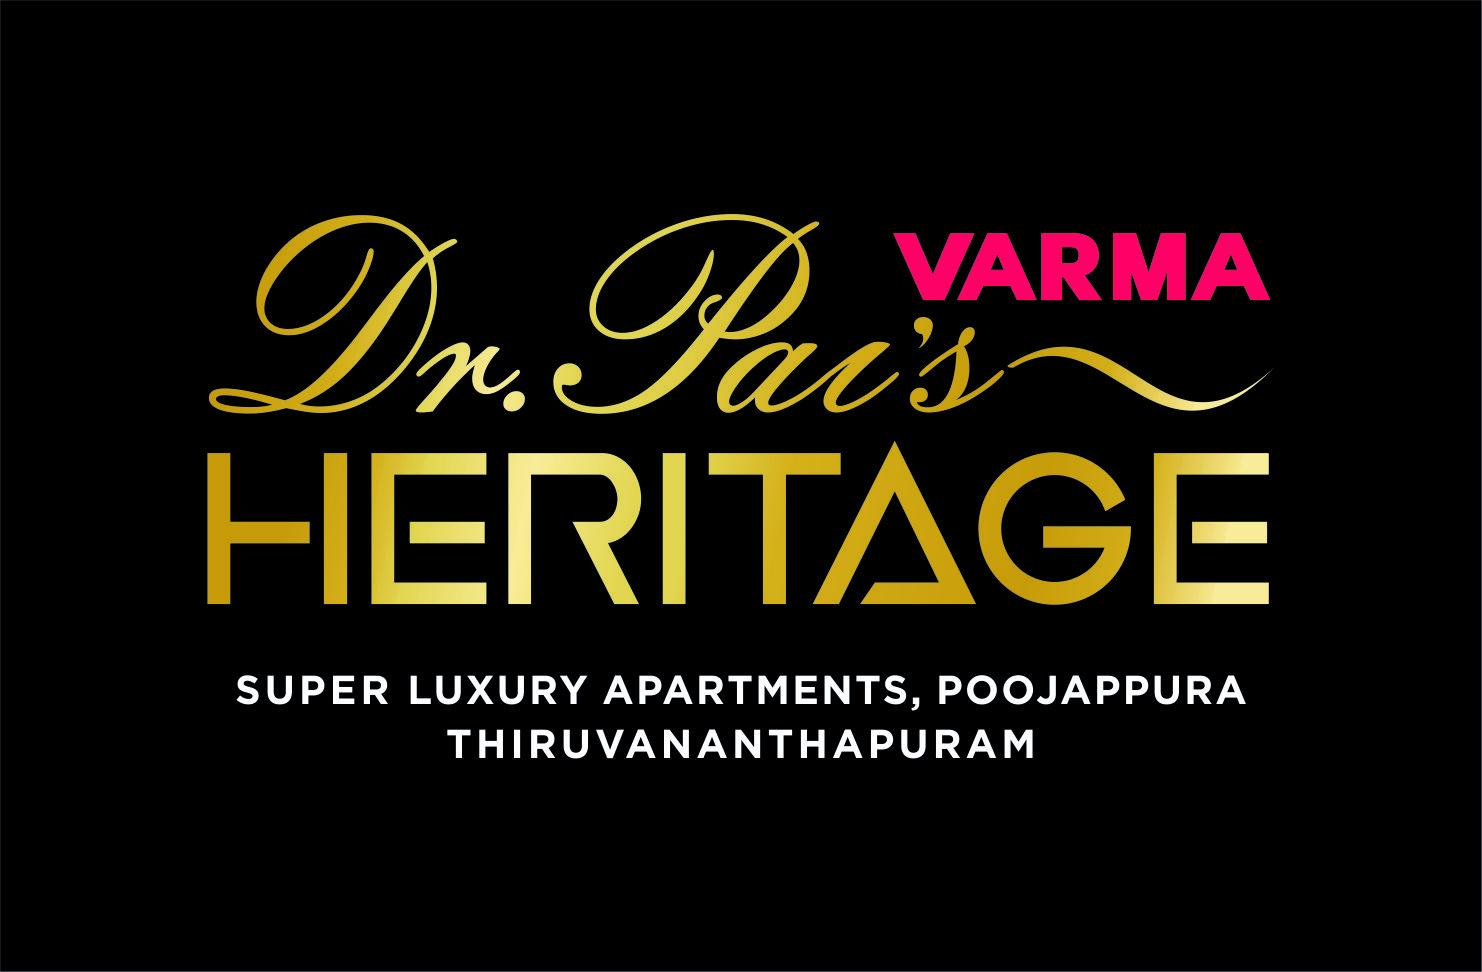 Varma Dr Pais Heritage Trivandrum